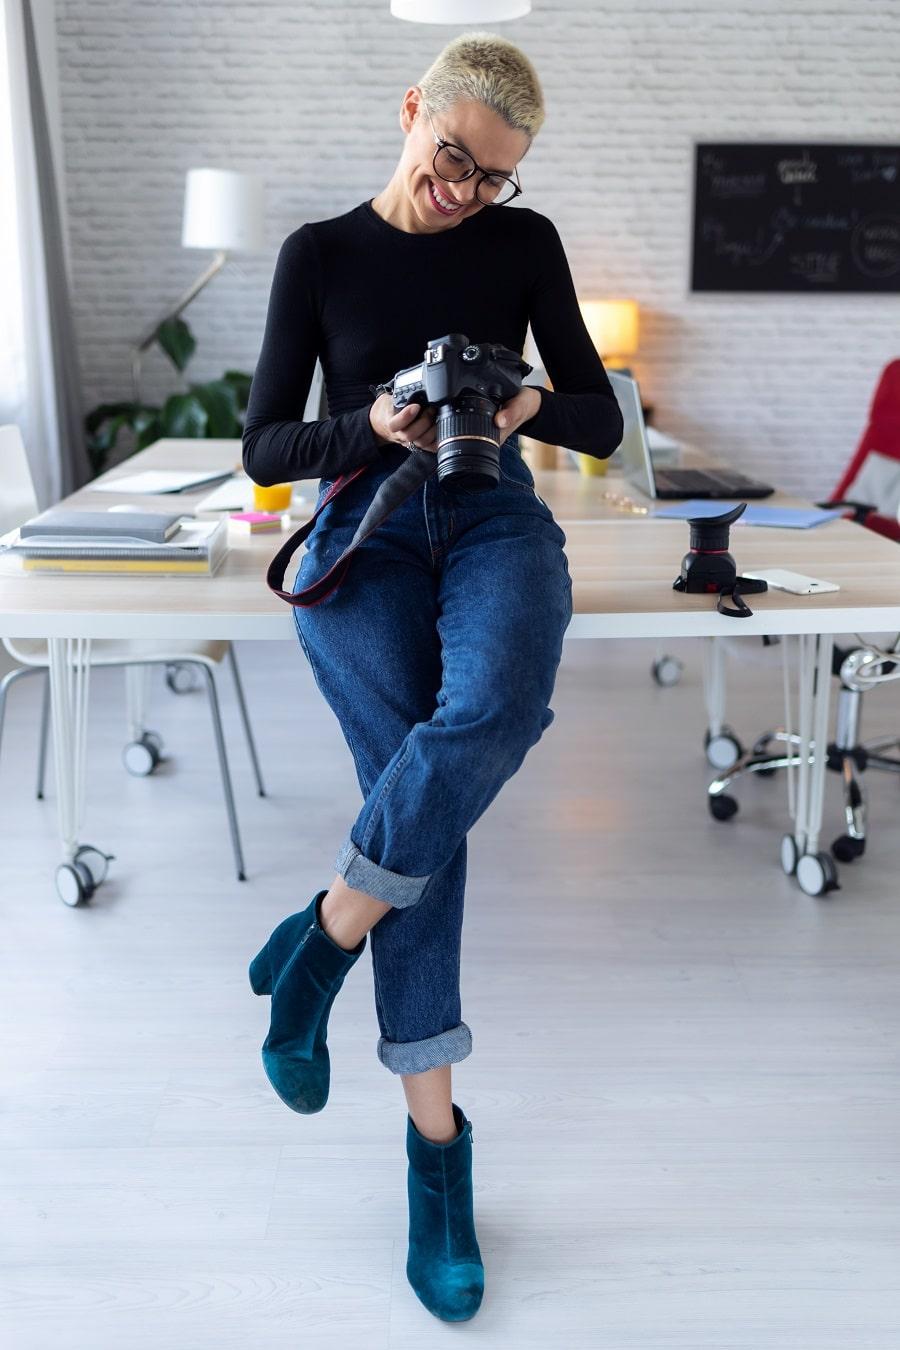 Kevytyrittäjä ja valokuvaaja. Nainen selaa järjestelmäkameraansa